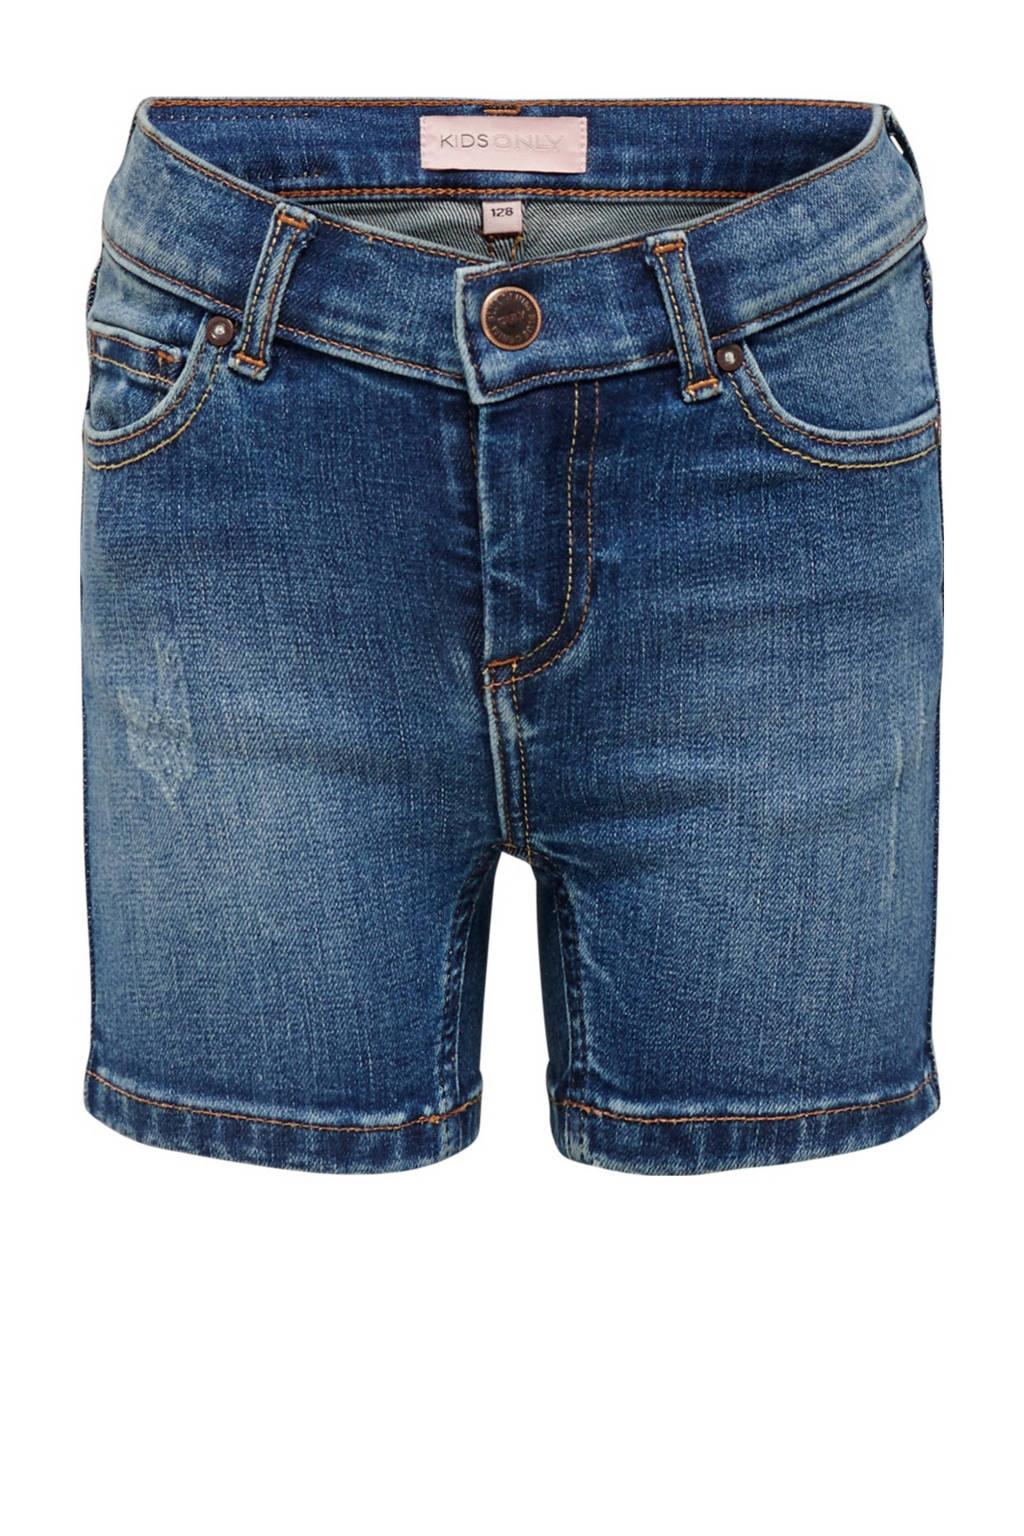 KIDS ONLY jeans short KONBLUSH stonewashed, Stonewashed